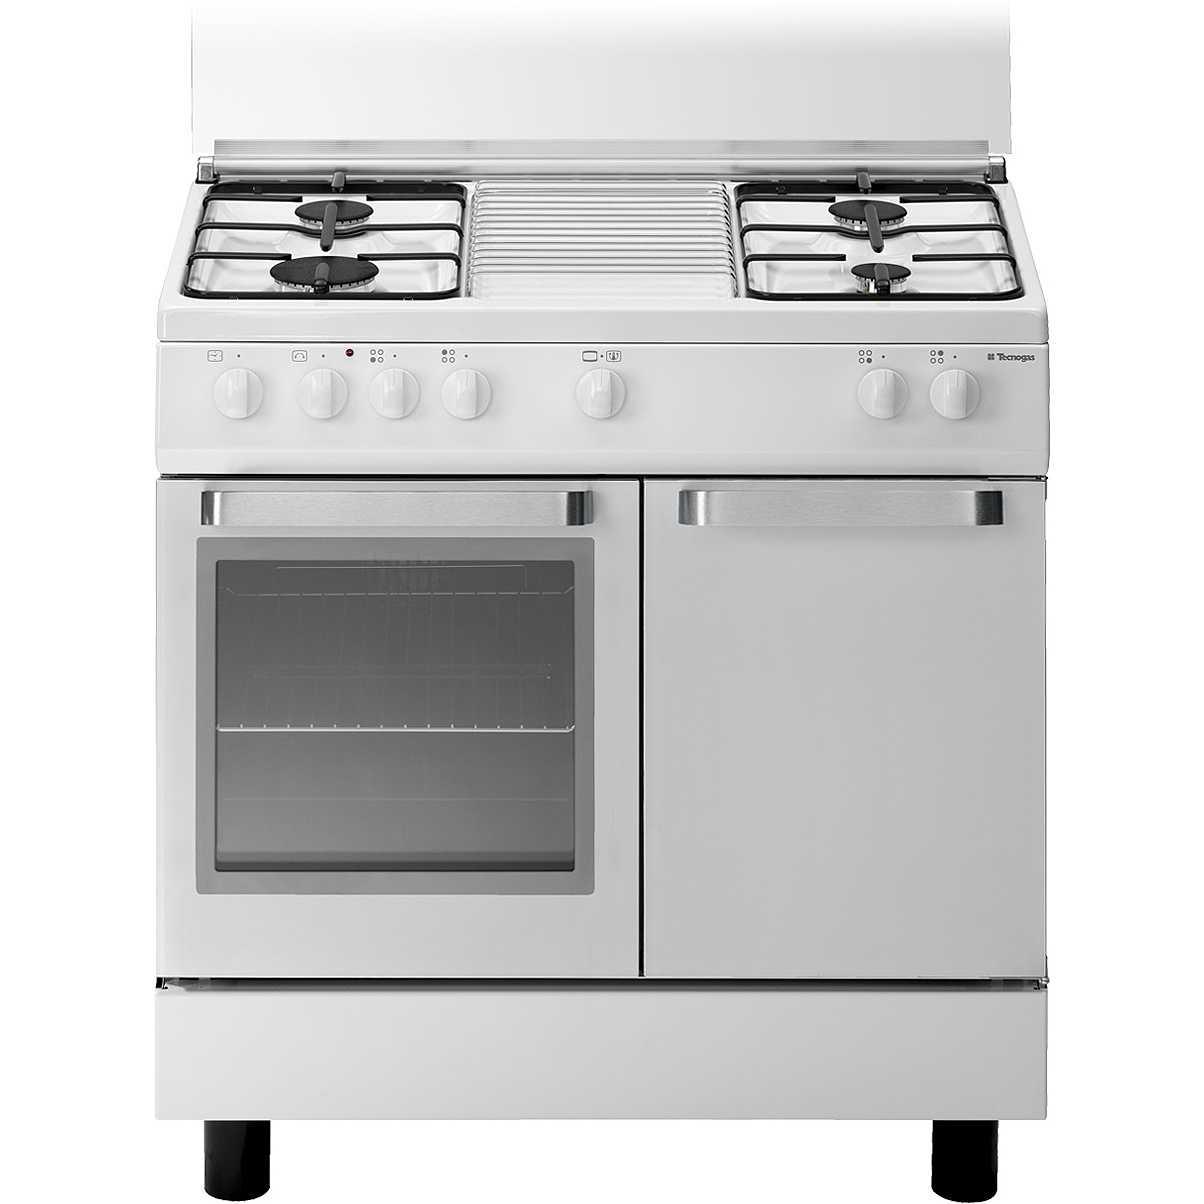 Tecnogas d833ws cucina 80x50 4 fuochi a gas forno for Cucina elettrica ikea